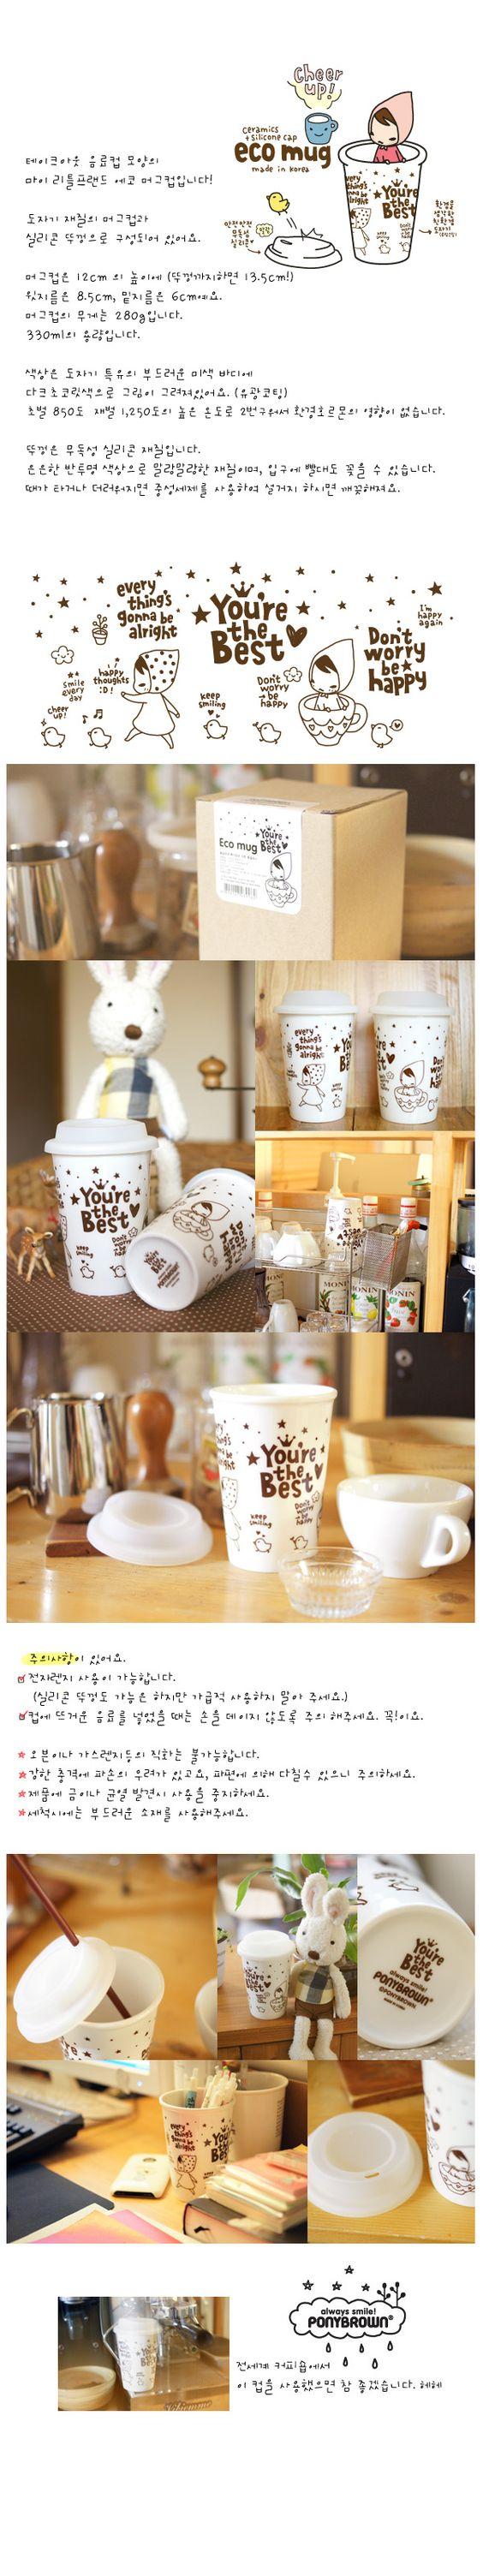 pony brown eco mug